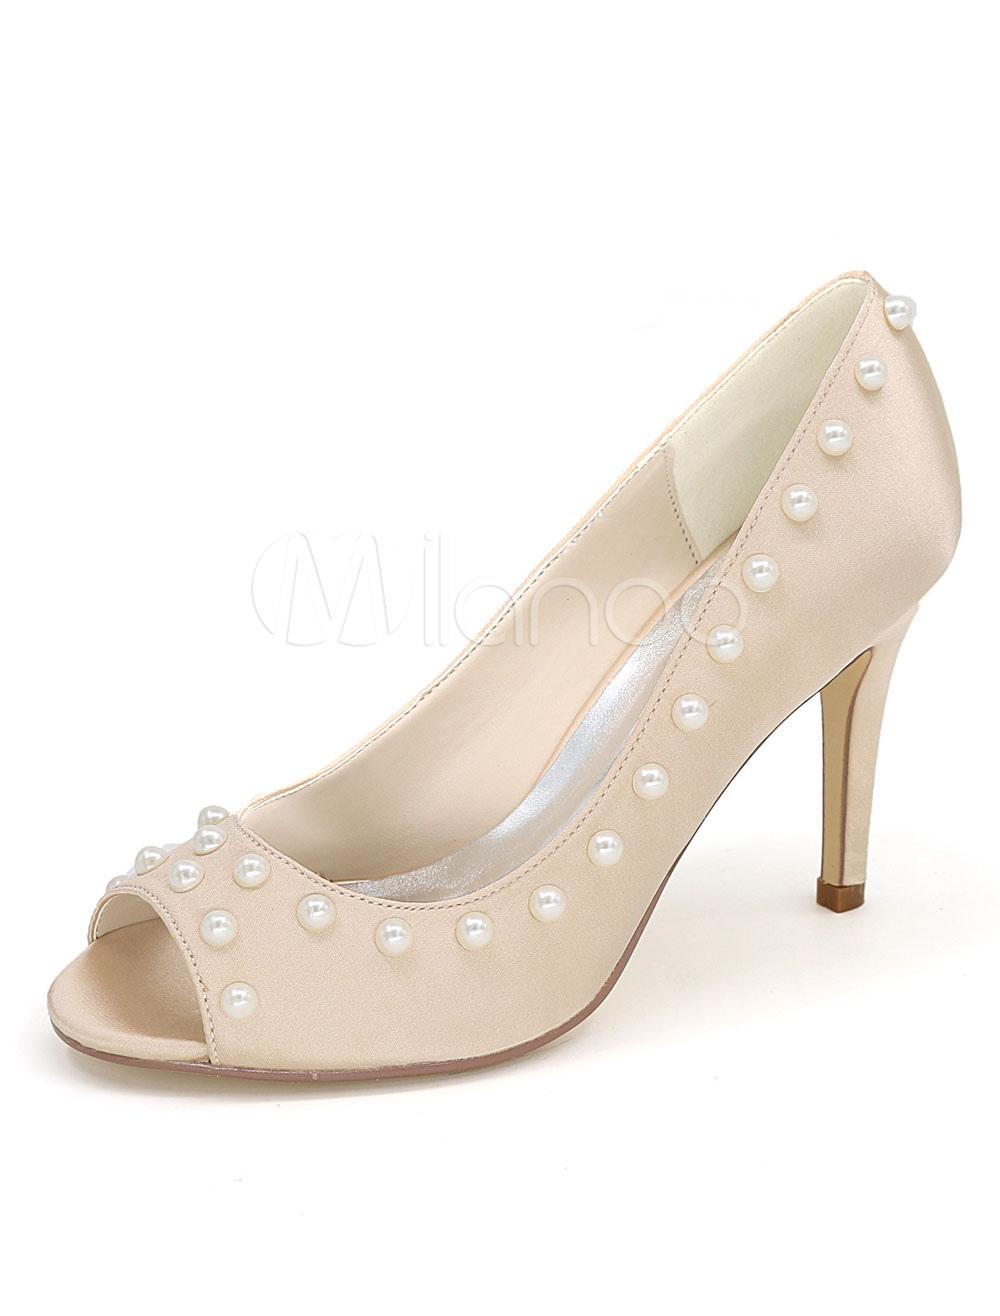 Zapatos de color champaña de satén de punter Peep Toe de tacón de stiletto Verano para fiesta estilo moderno HKJ2P